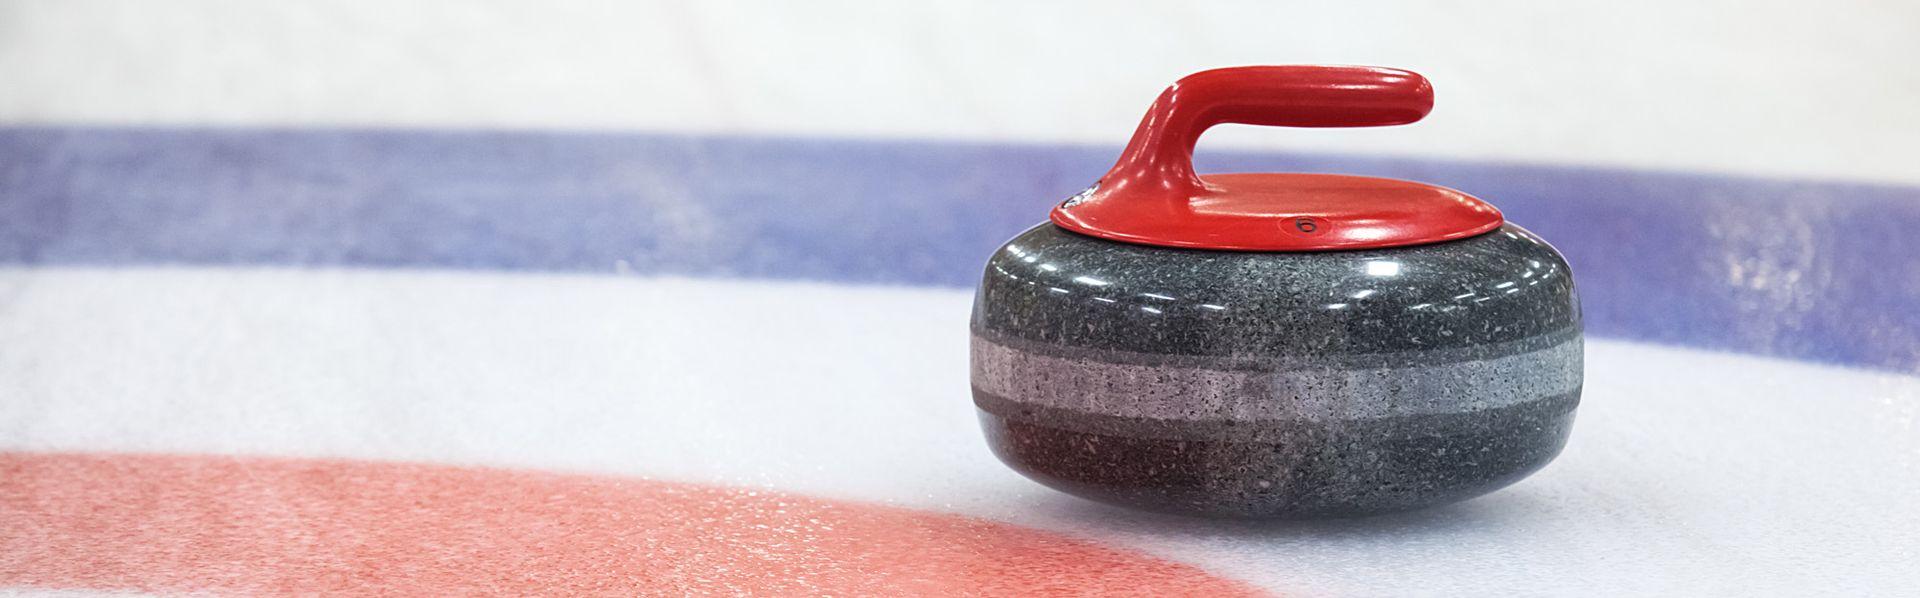 Le curling, un sport des Jeux Olympiques. [gornostaj - Fotolia]